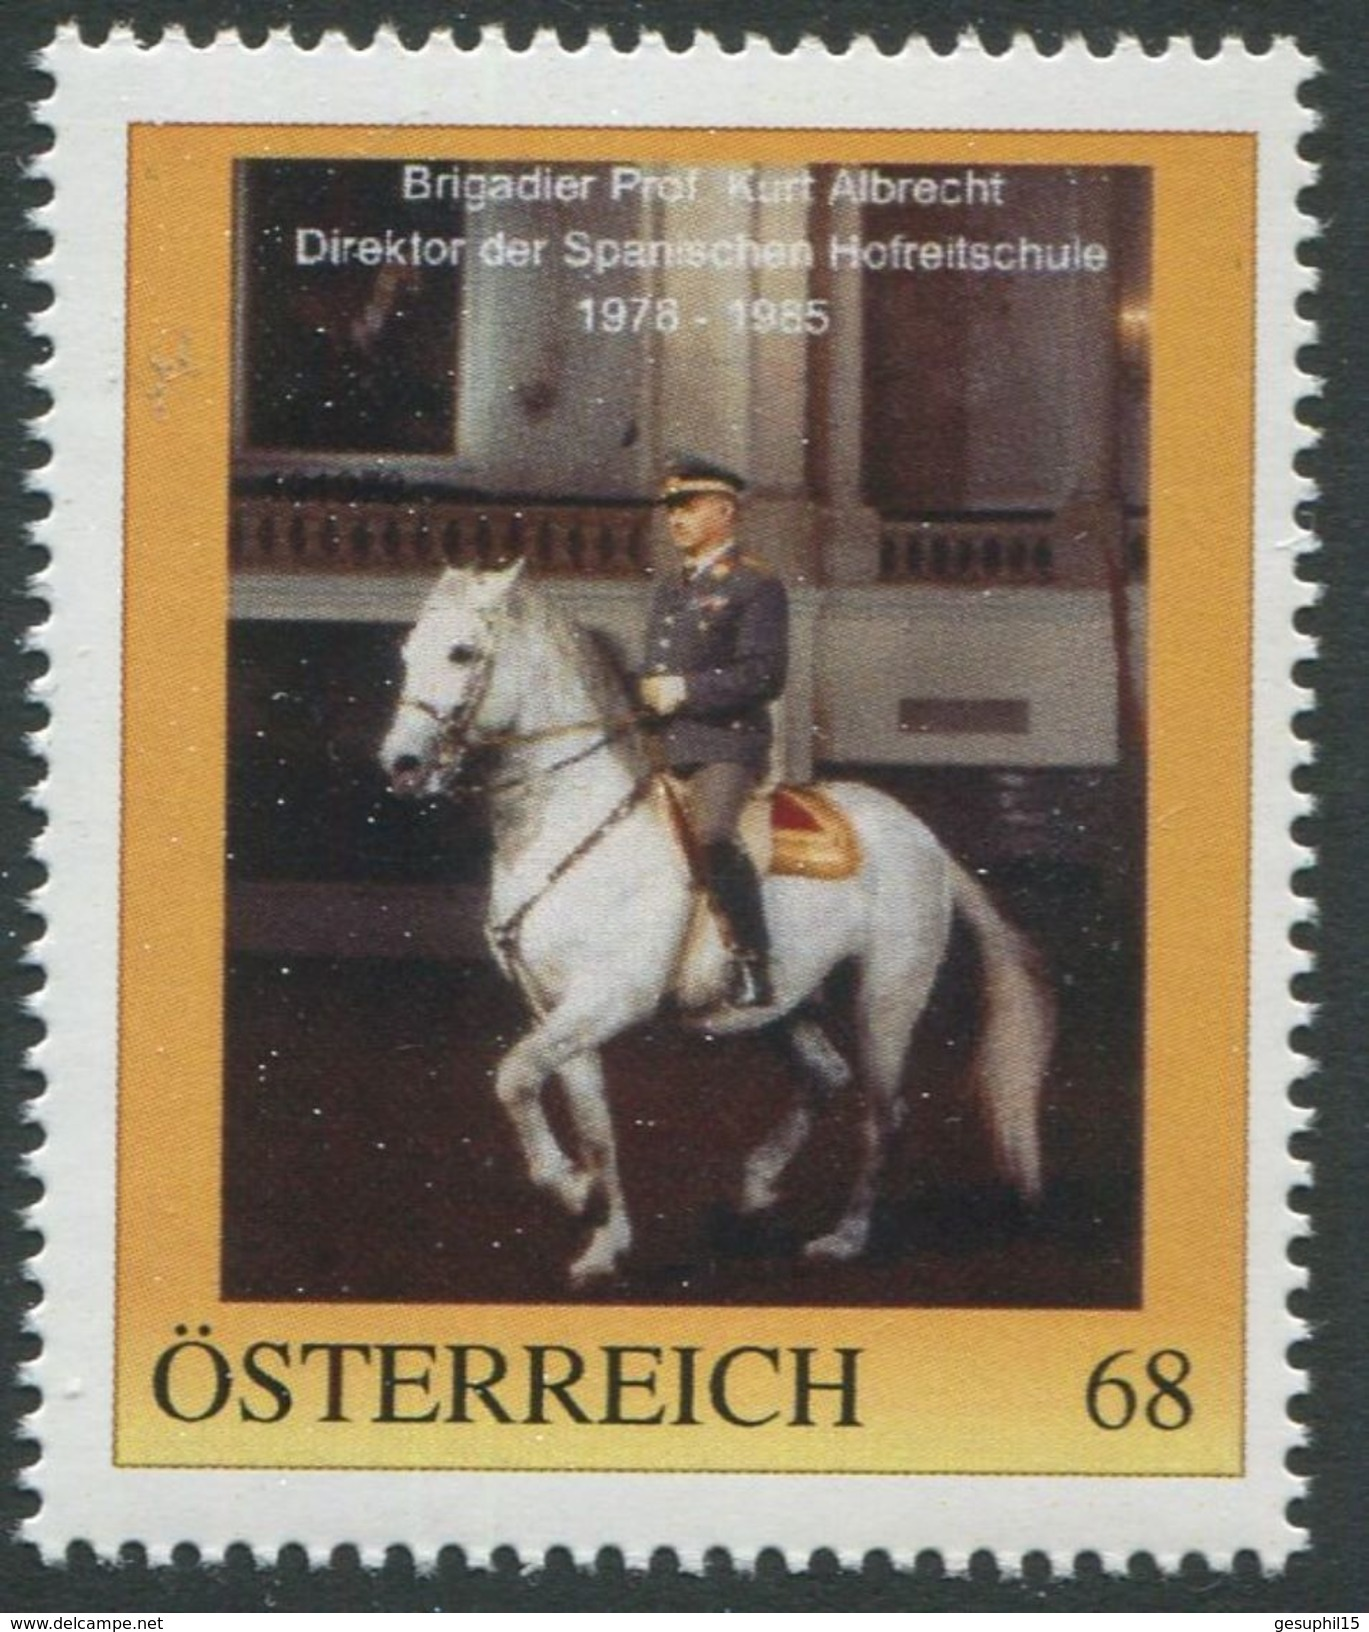 ÖSTERREICH / PM Nr. 8116026 / Brigadier Prof. Kurt Albrecht / Postfrisch / ** / MNH - Personalisierte Briefmarken